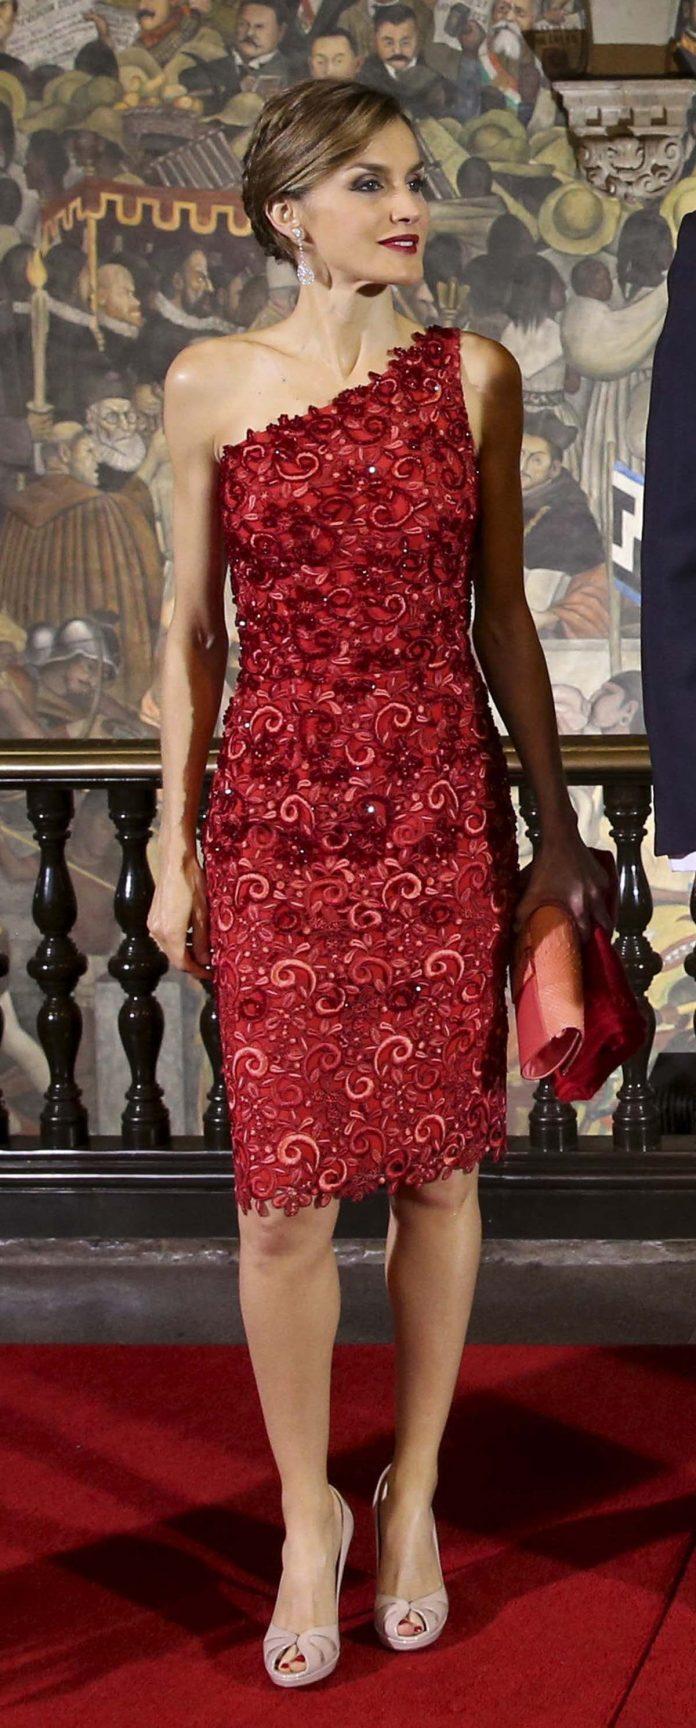 Los looks de la Reina Letizia que más han impactado en el exterior 4